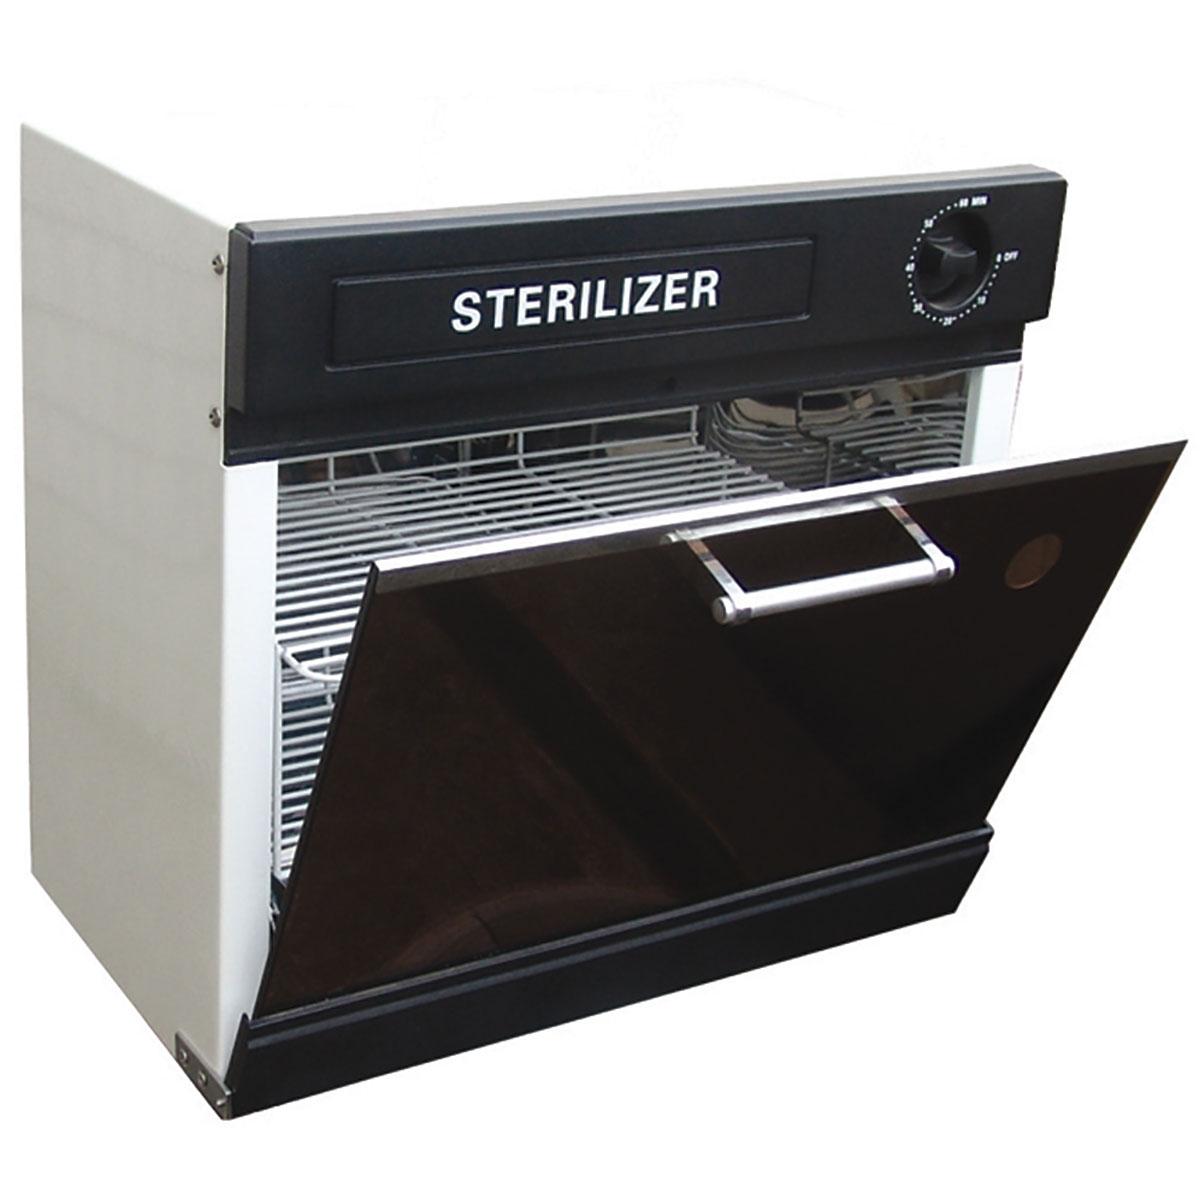 Uv sterilizer hook up